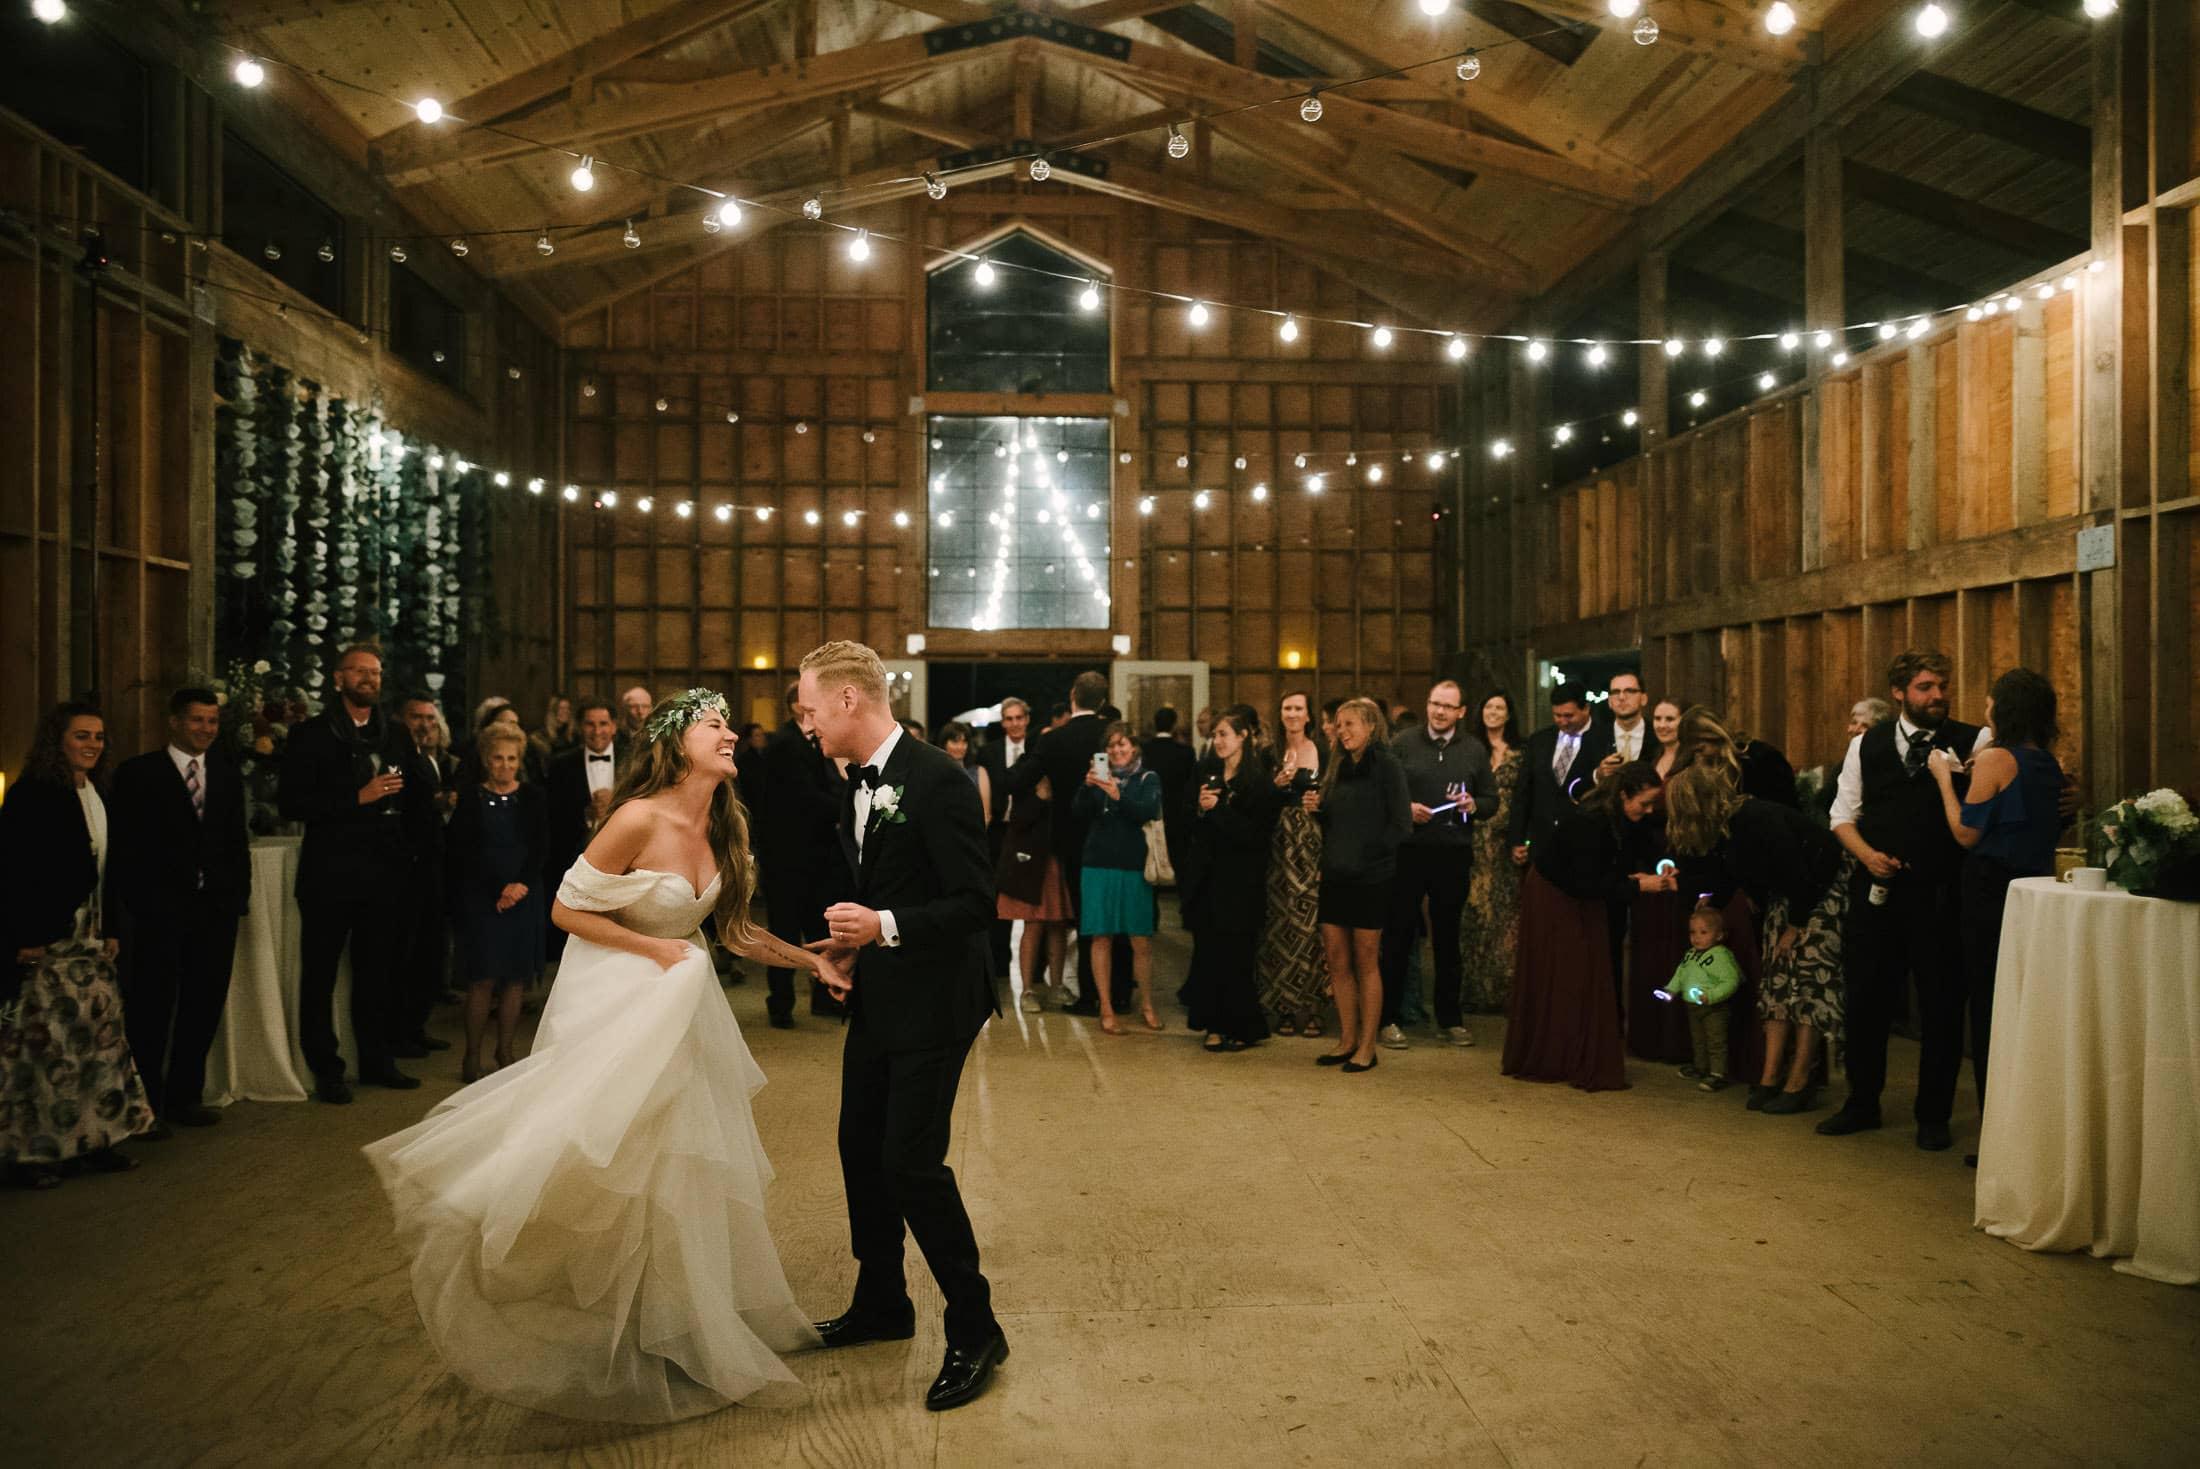 Oz Farm Wedding Dancing